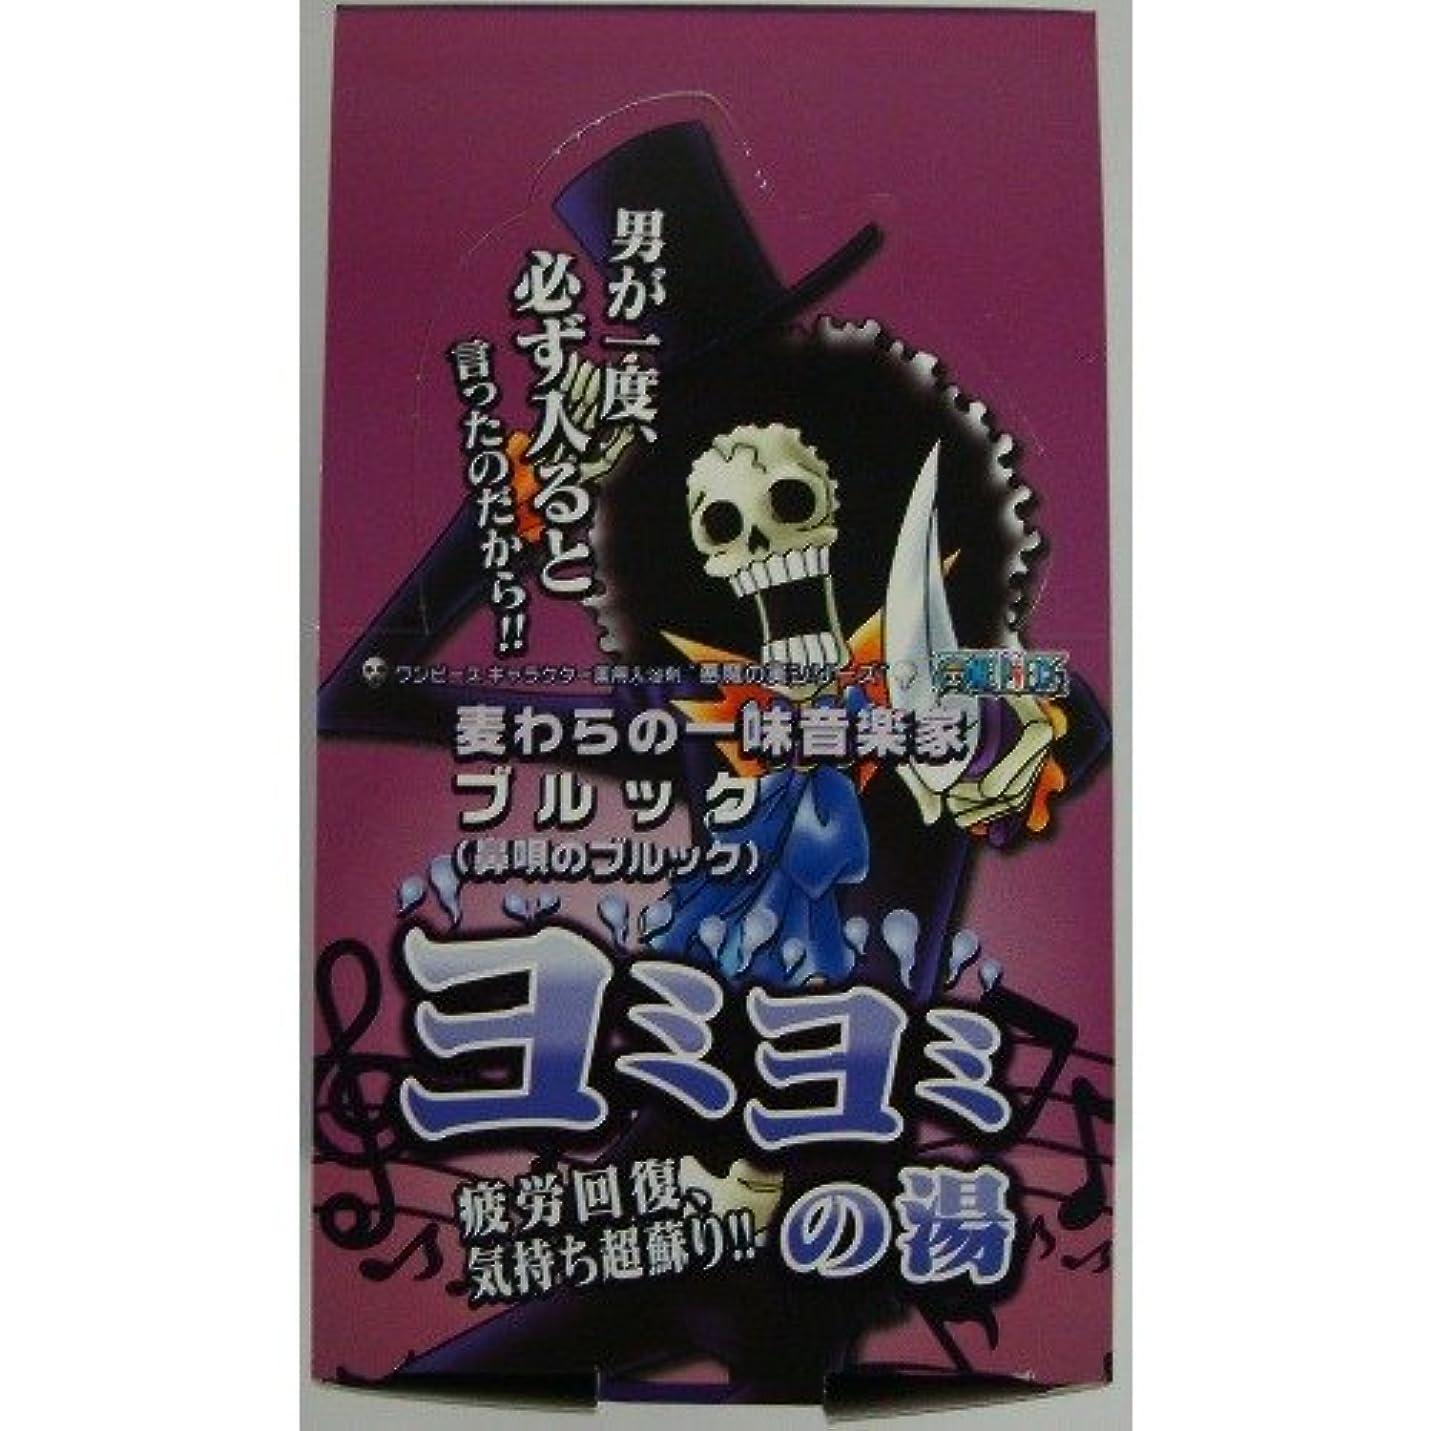 形振幅有害な悪魔の実シリーズ ヨミヨミの湯 ブルック 25g